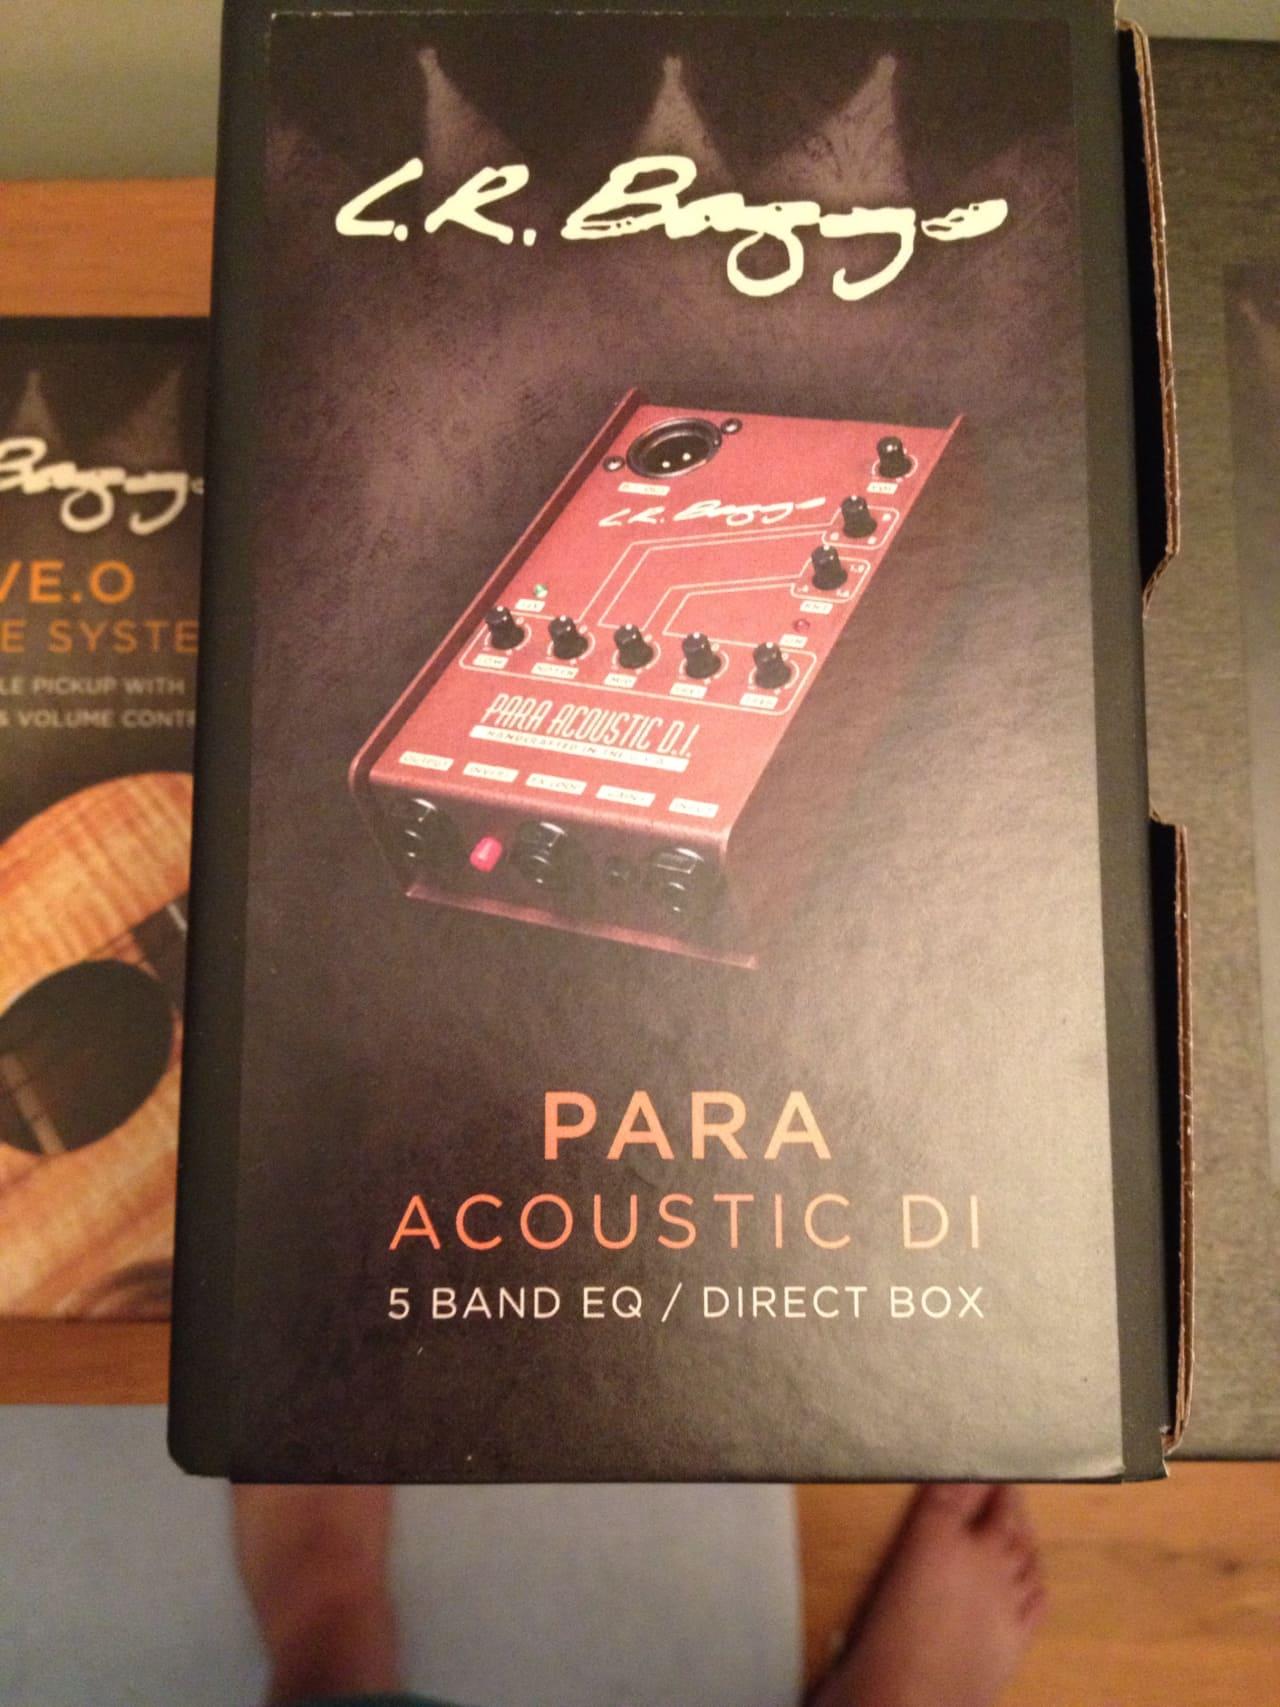 lr baggs para acoustic di manual